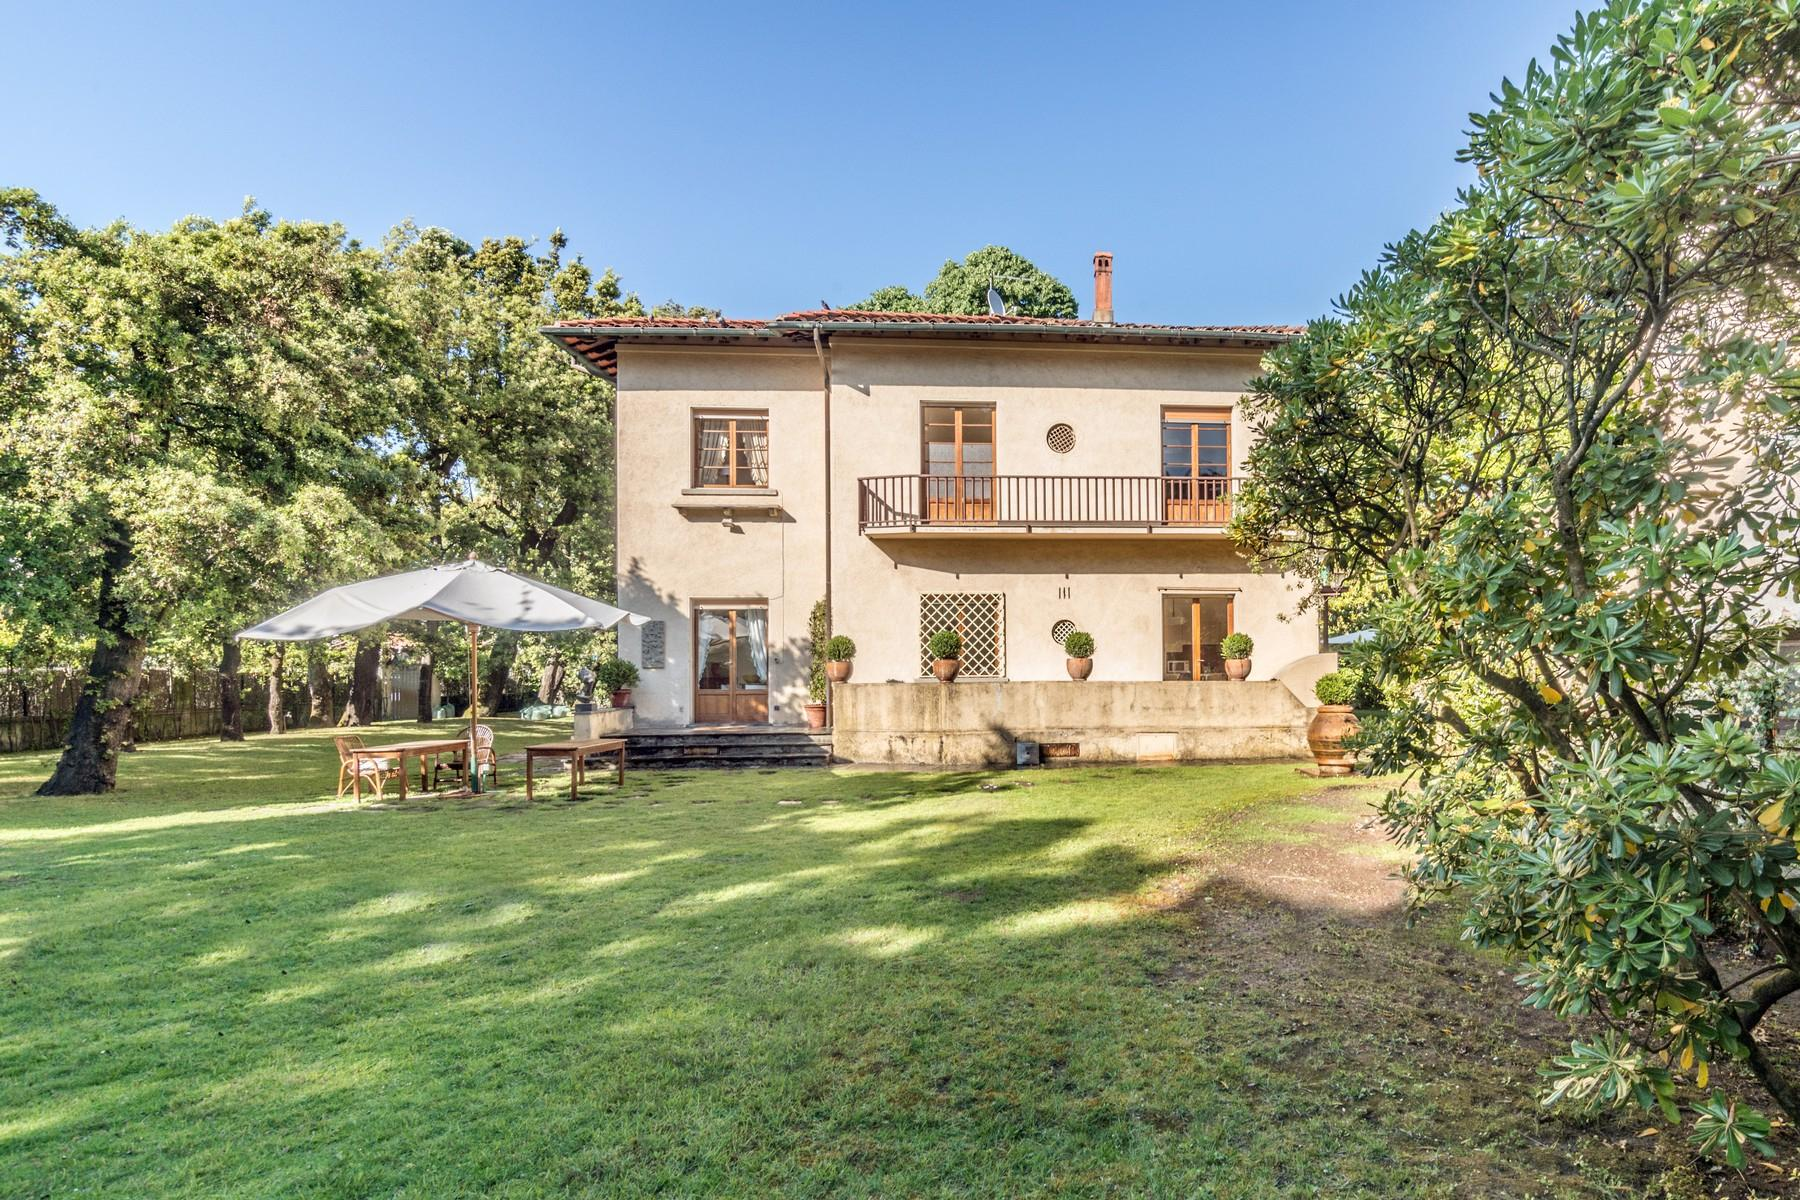 坐落于Forte dei Marmi的绝妙别墅 - 3